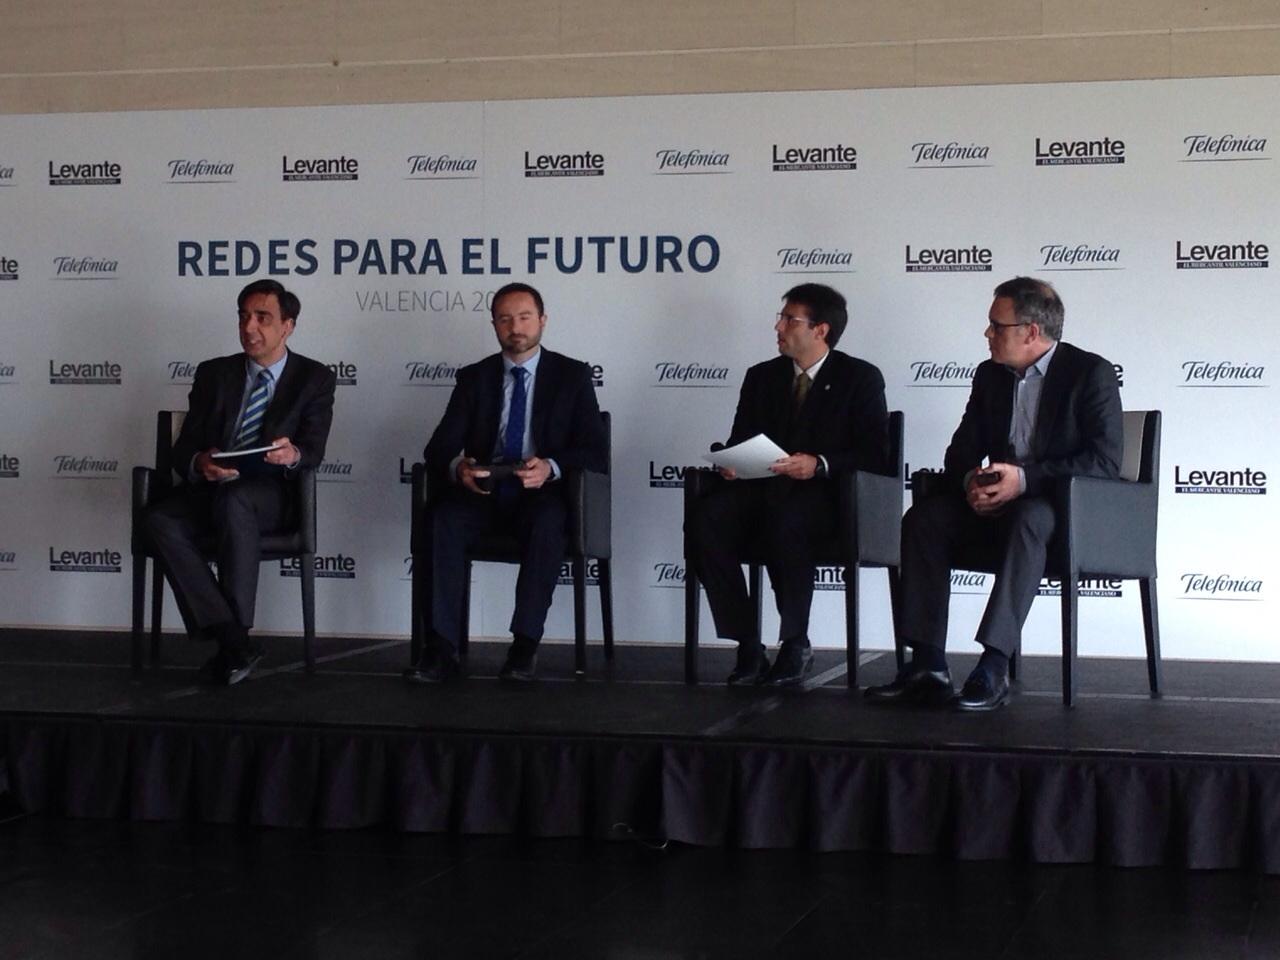 """Telefónica participa en la """"Jornada Redes para el futuro"""""""